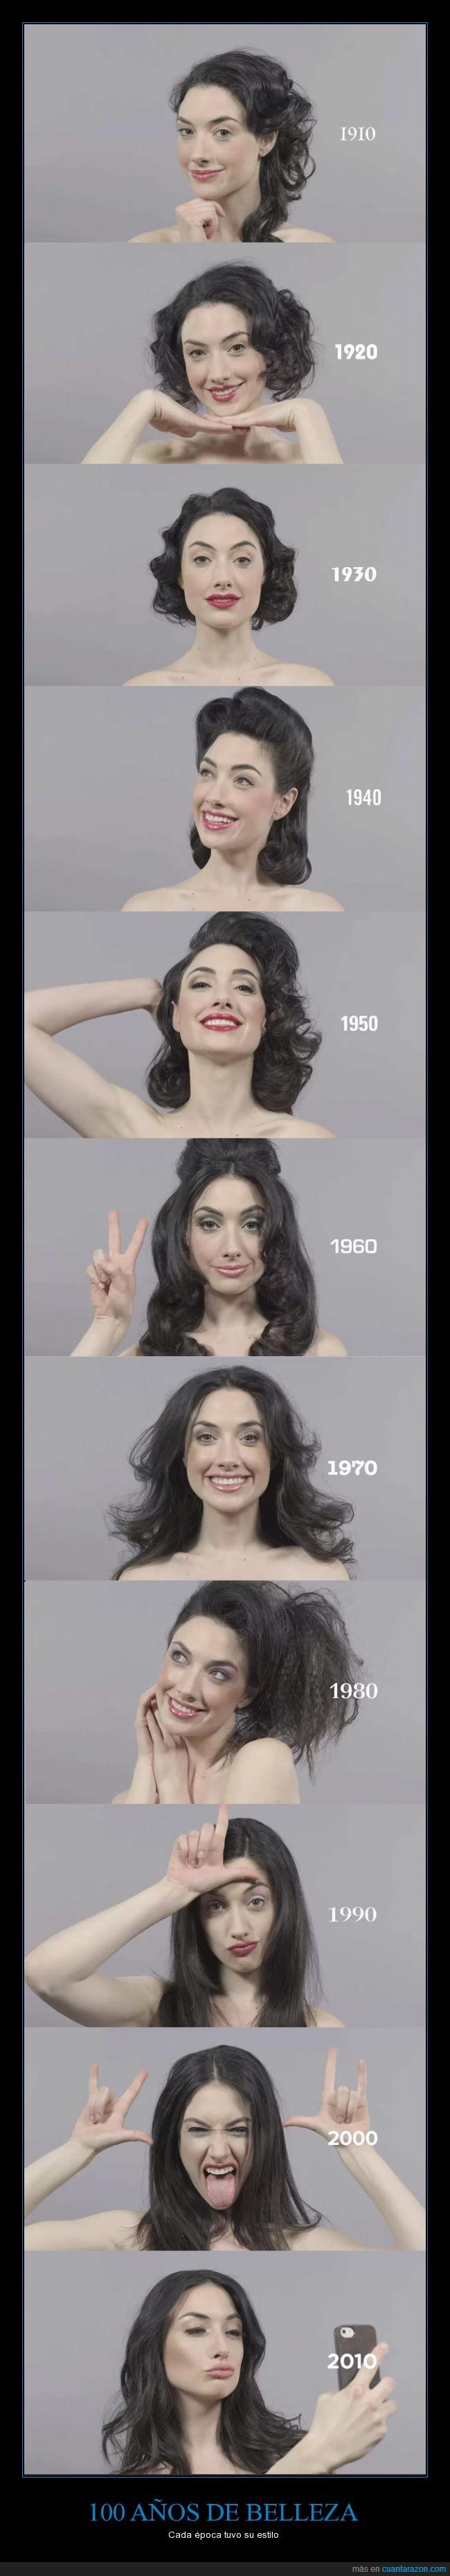 año,belleza,chica,decada,epoca,hippy,maquillaje,peinado,rockabilly,selfie